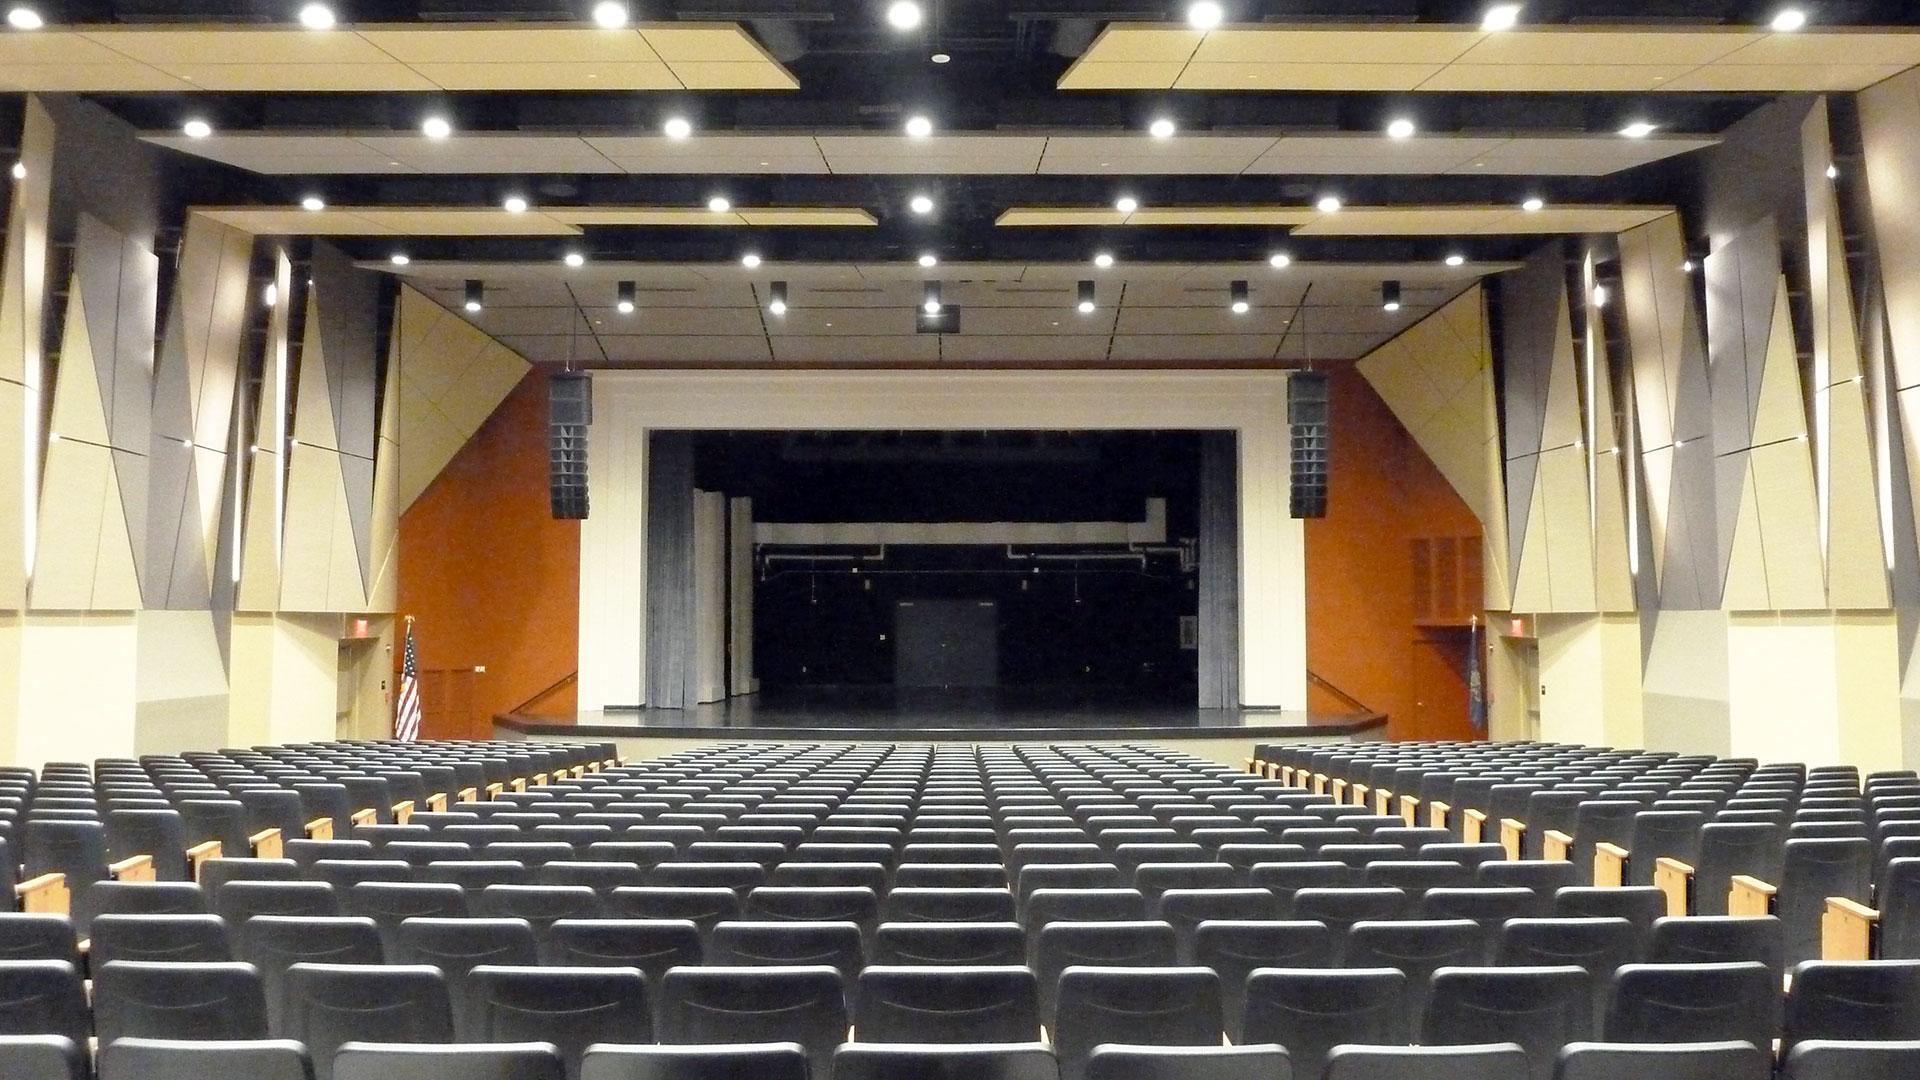 Price Auditorium at Lock Haven University